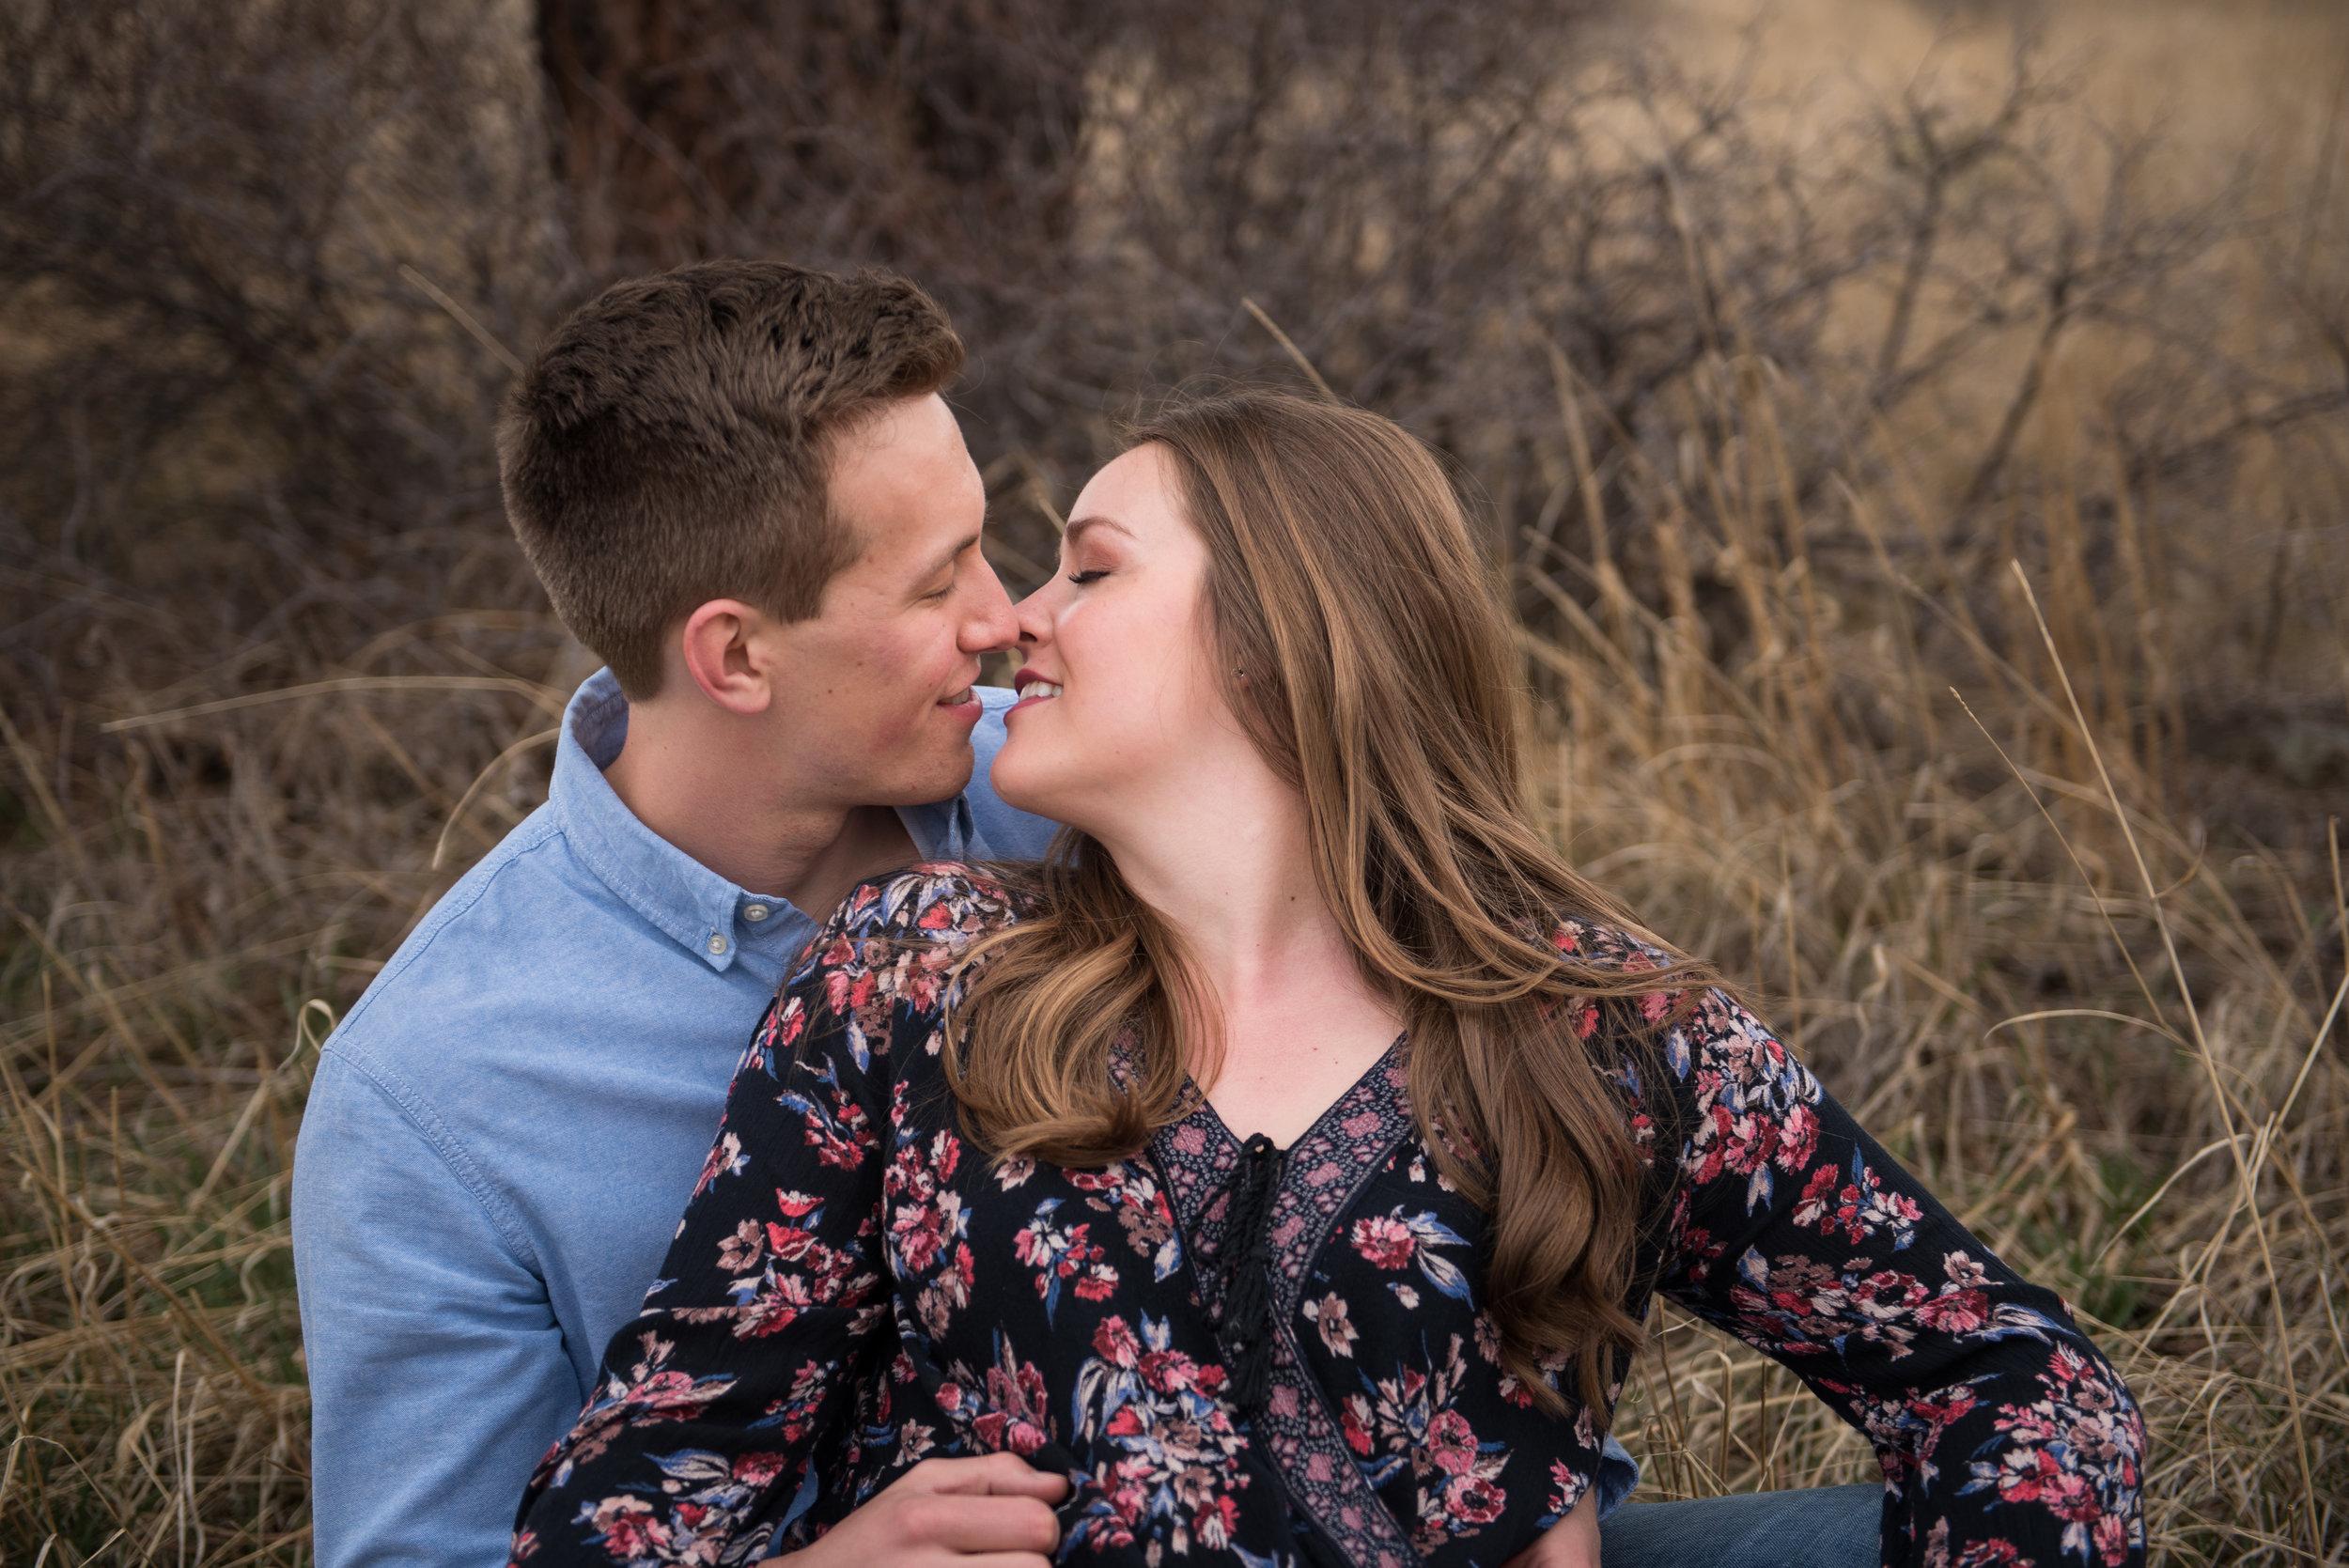 Colorado Engagement Photographer|Jennie Bennett Photography |Sarah and Matt-41.jpg